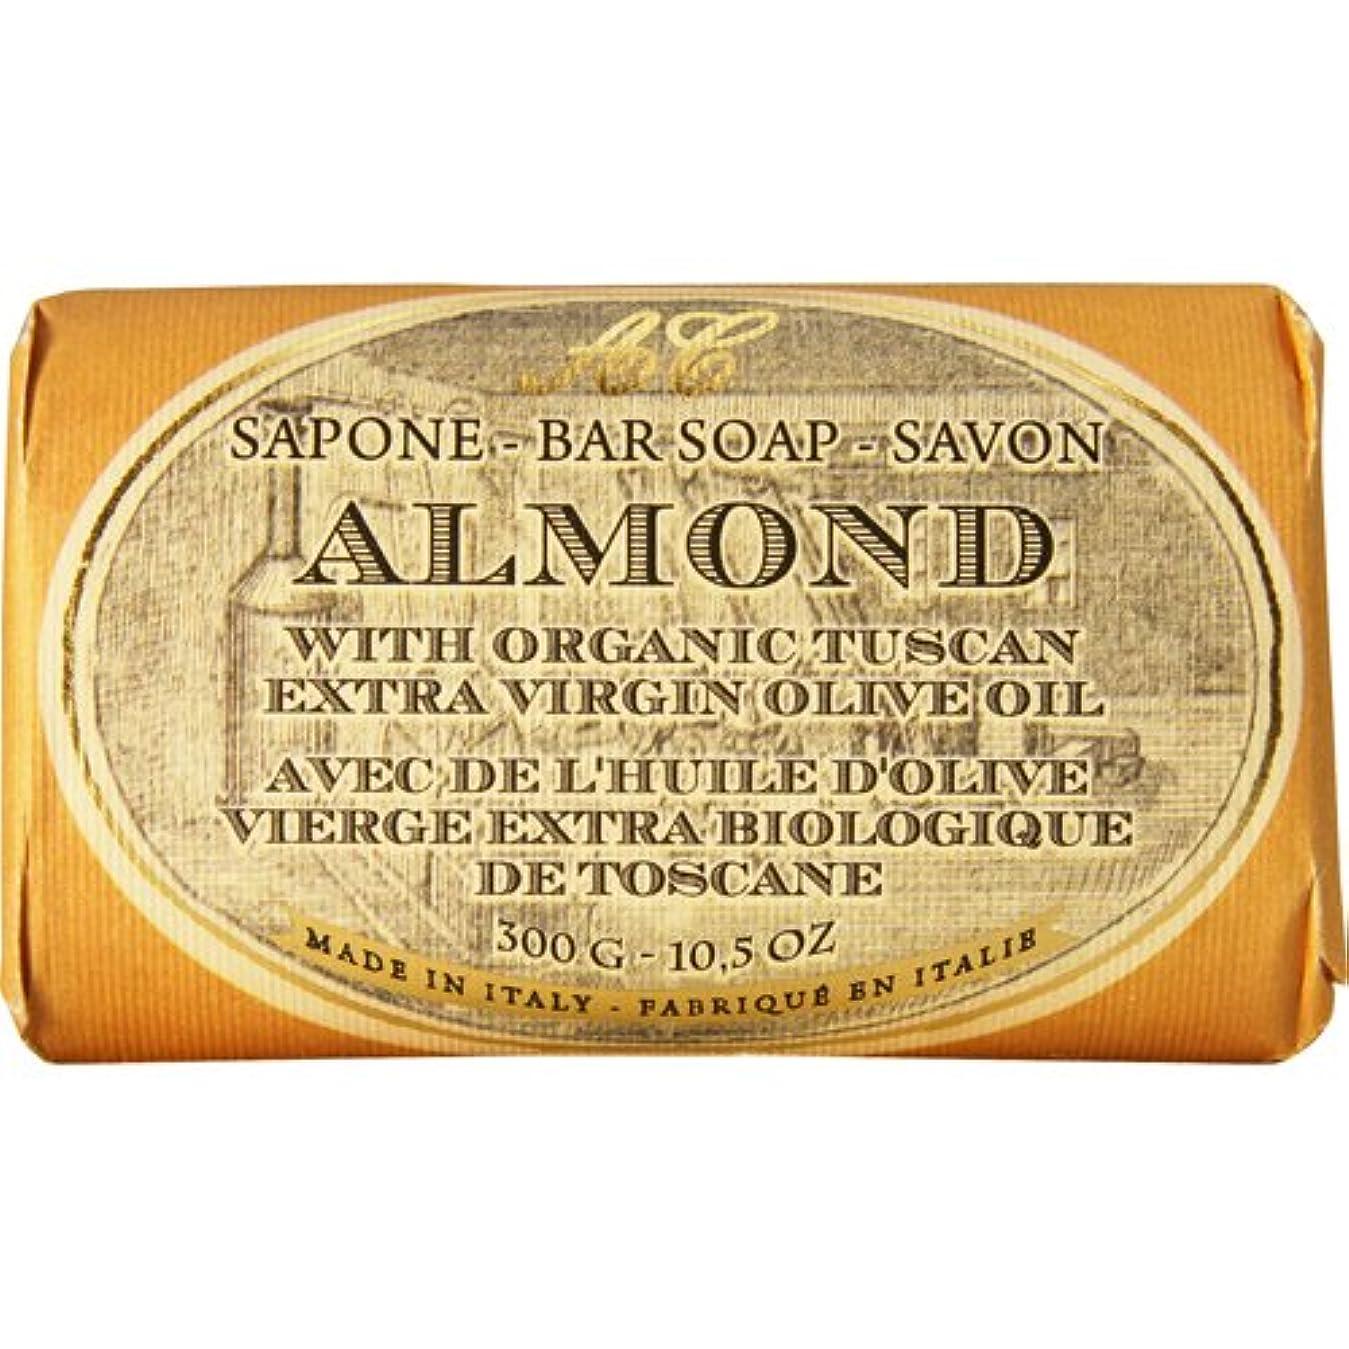 マージボスリップSaponerire Fissi レトロシリーズ Bar Soap バーソープ 300g Almond アーモンドオイル